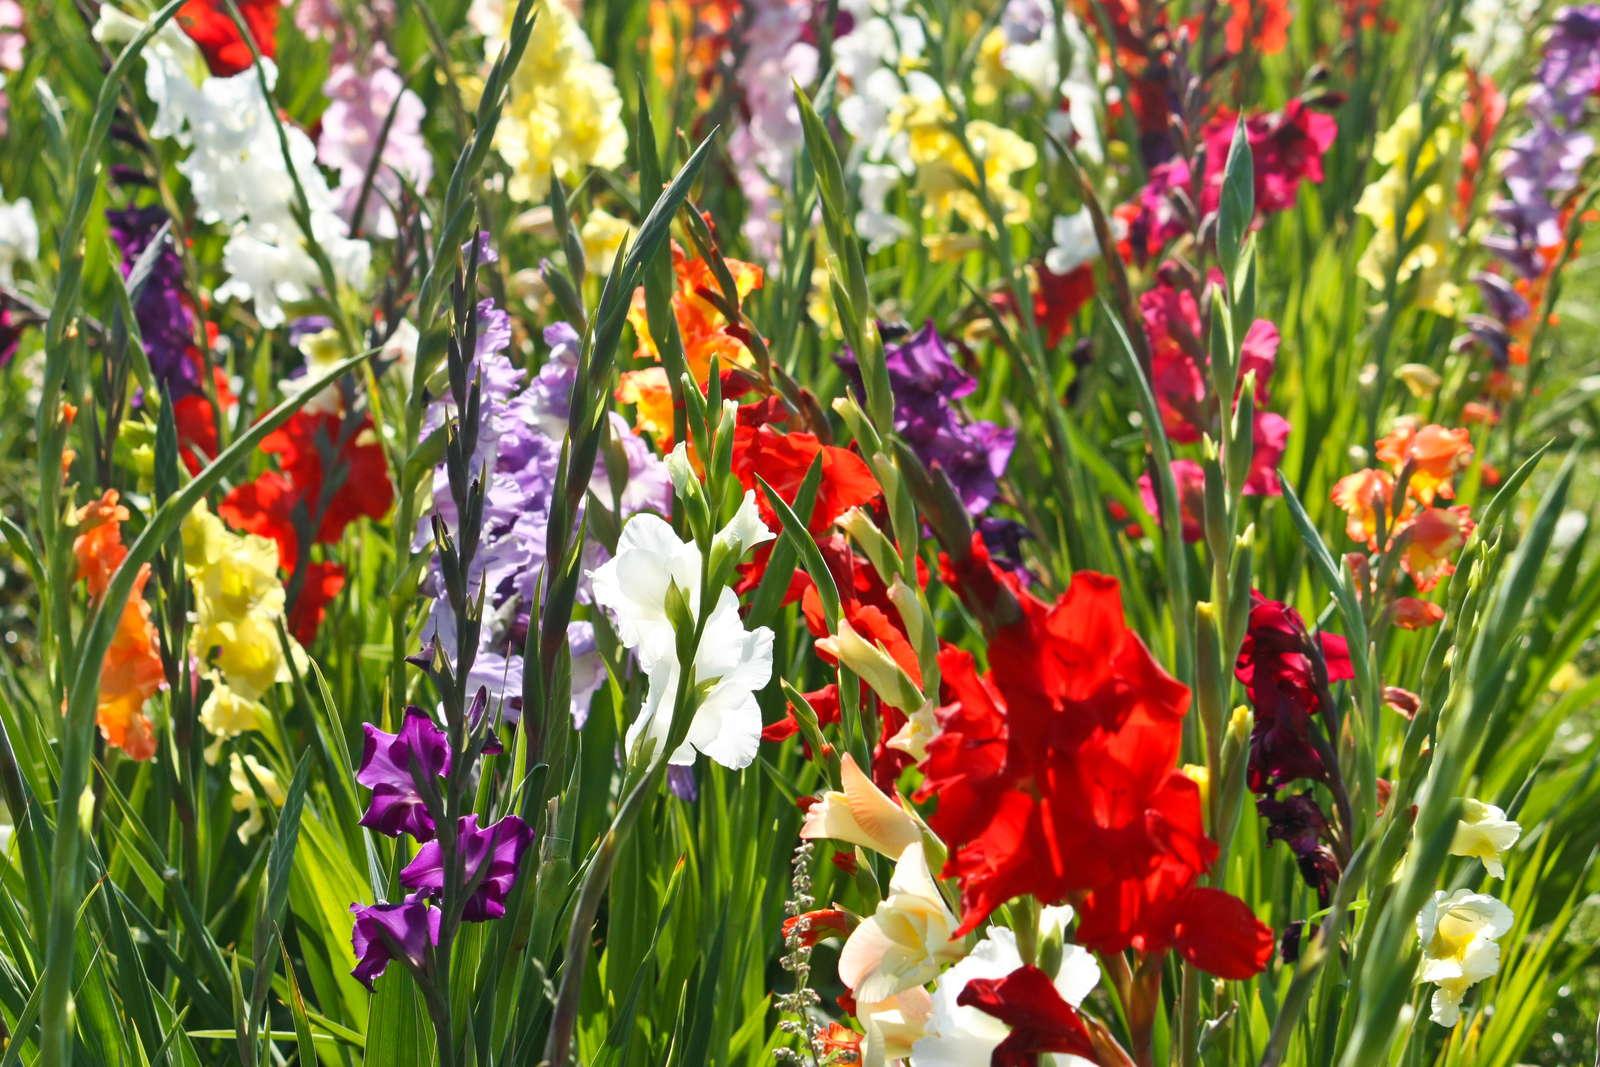 gladiolen hilfreiche tipps zum einpflanzen schneiden pflegen plantura. Black Bedroom Furniture Sets. Home Design Ideas